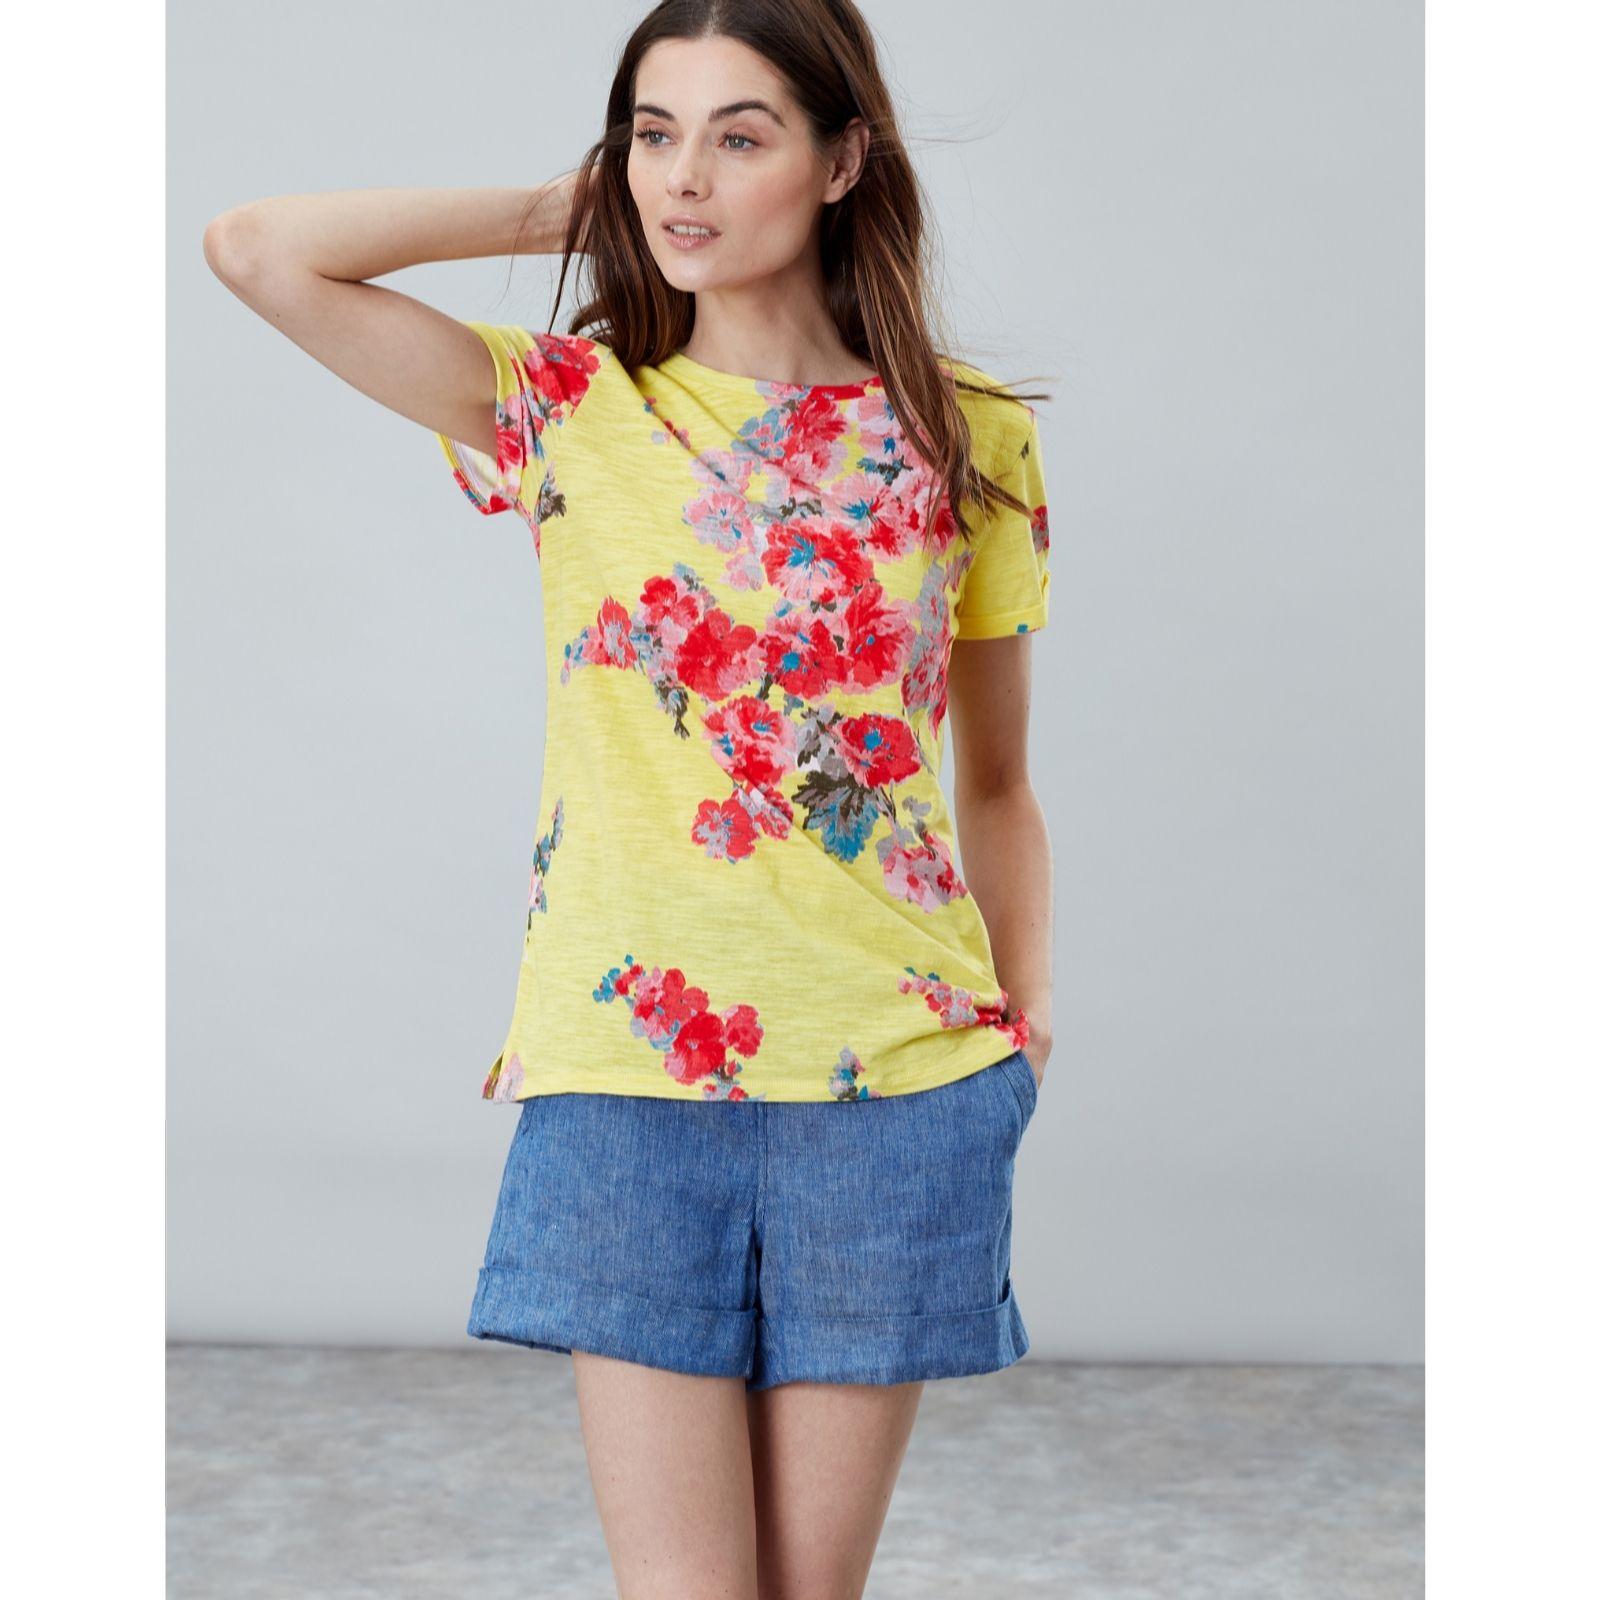 9c1149f67a05b9 Joules Nessa Print Light Weight Jersey T Shirt - QVC UK